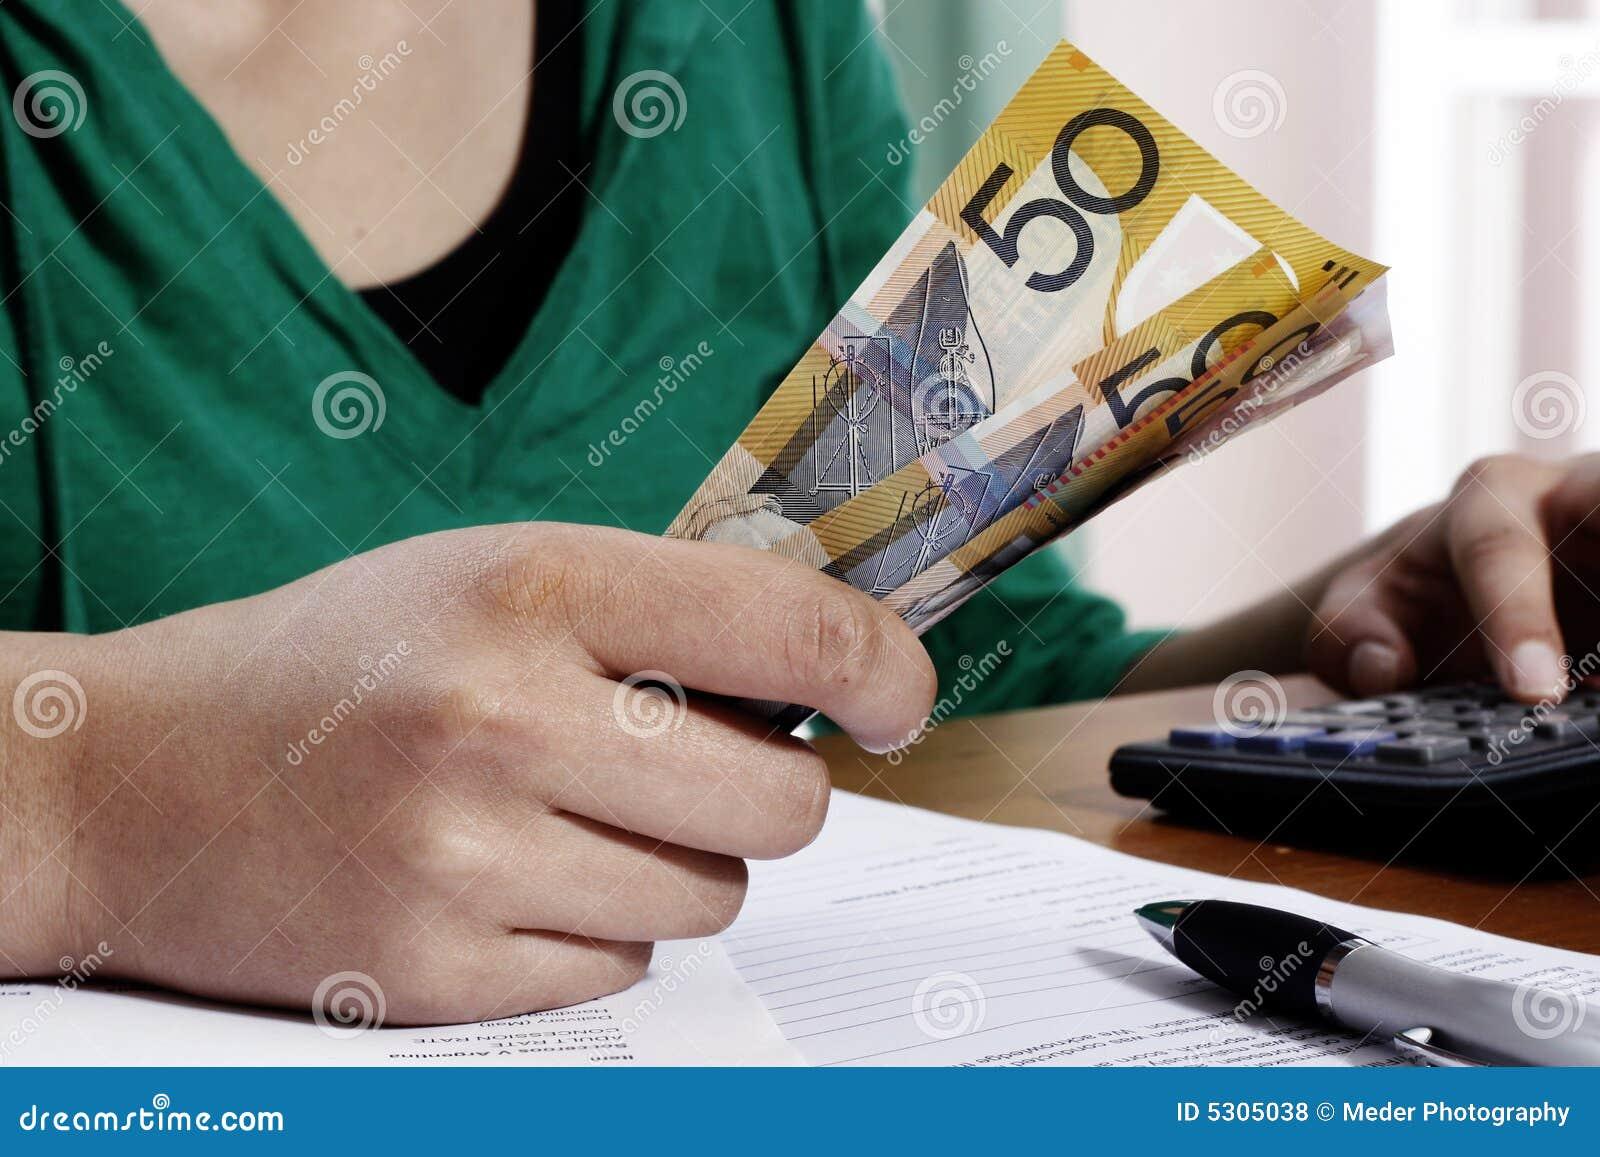 Download Conteggio dei soldi fotografia stock. Immagine di vendita - 5305038